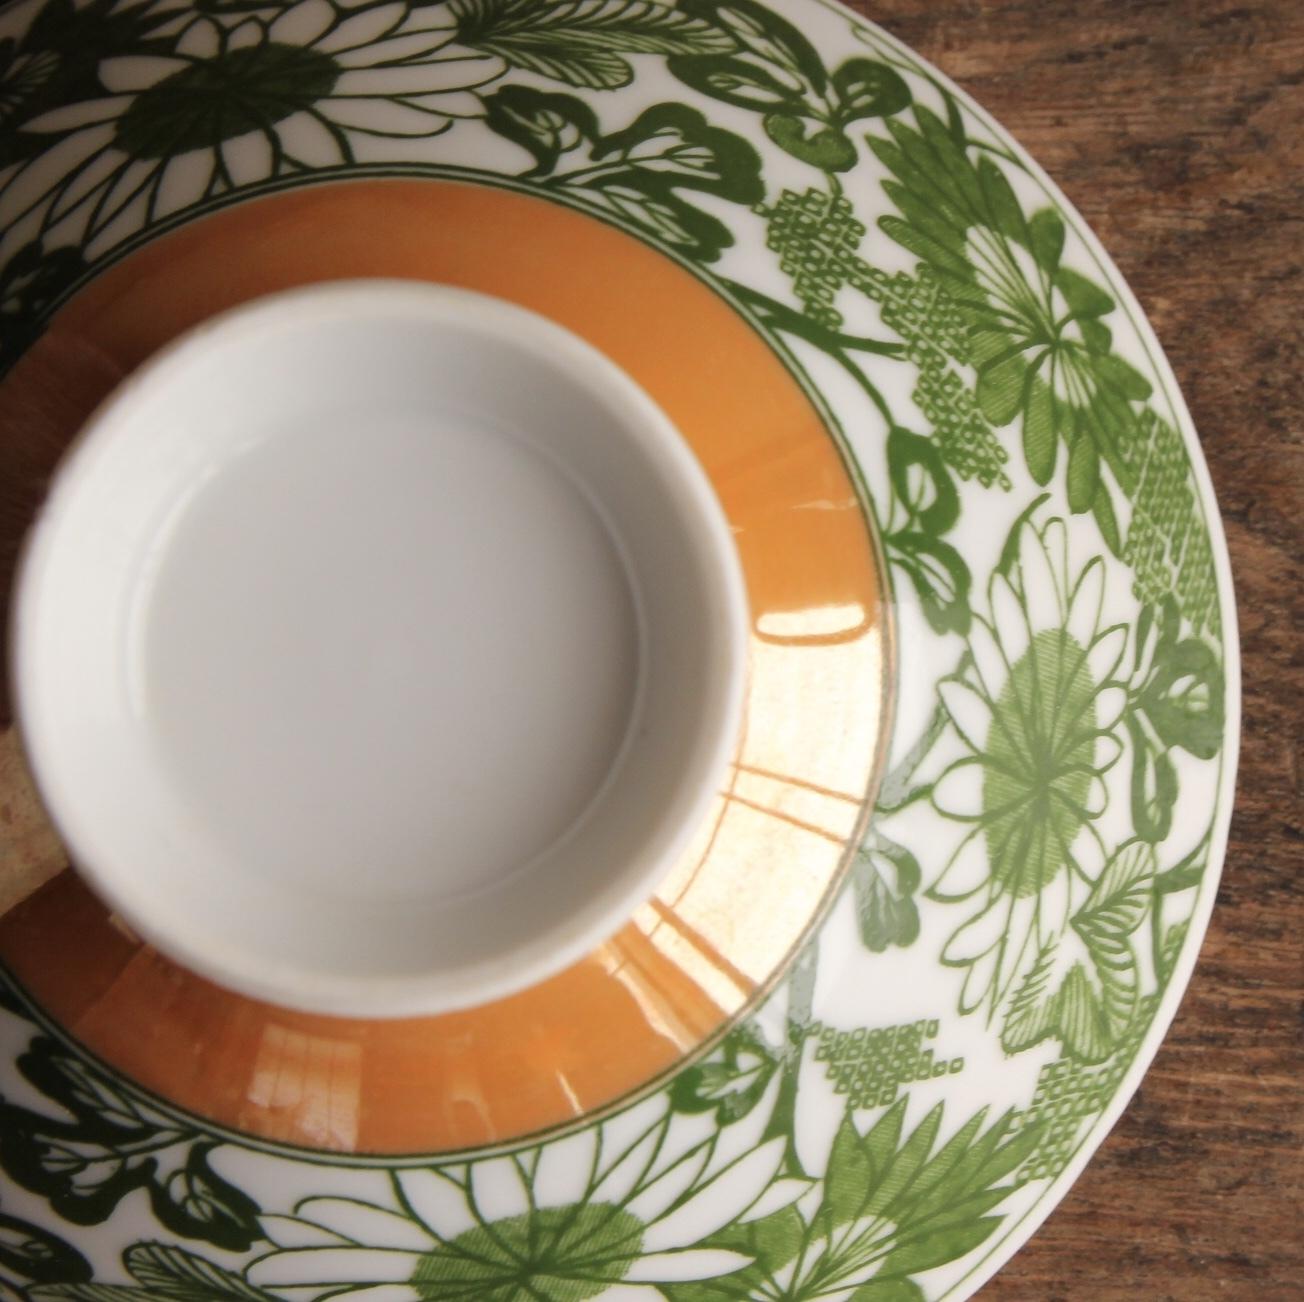 昭和レトロ 緑の花柄 茶碗 在庫1客